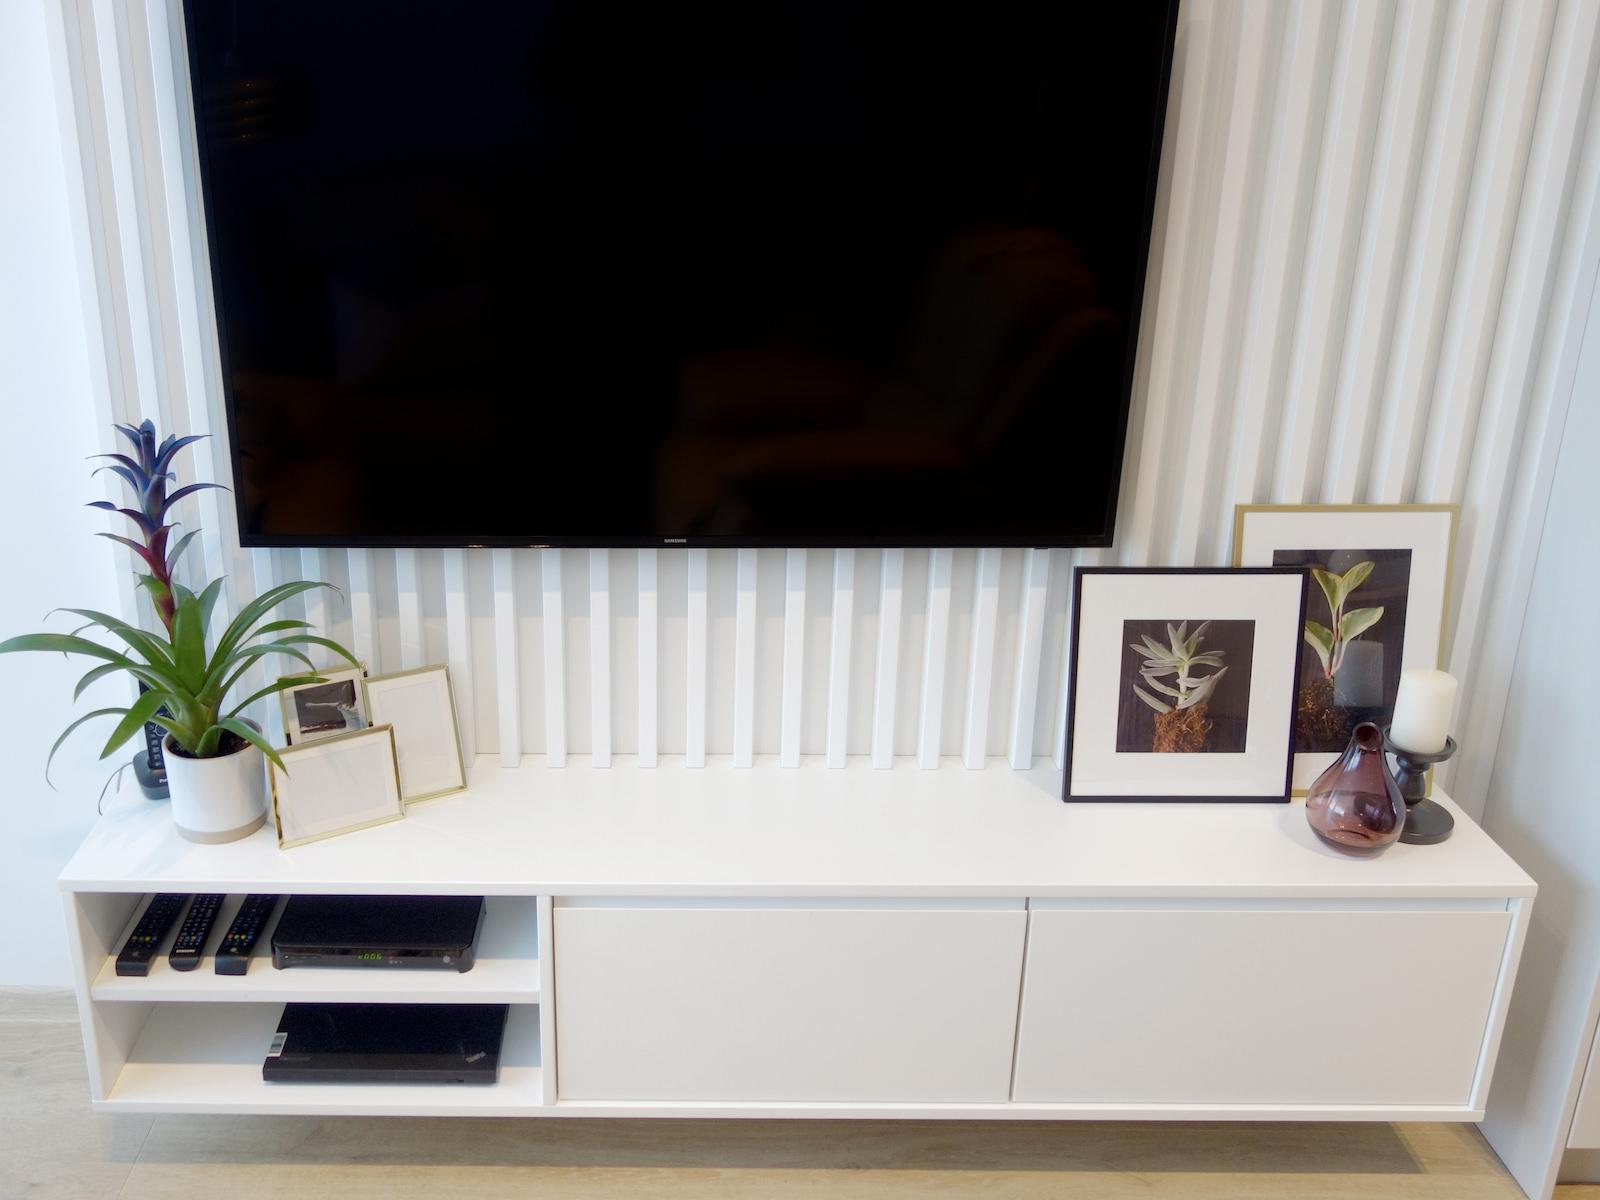 6 architekt wnetrz R078 mieszkanie siemianowice slaskie salon sciana telewizyjna biale listewki na scianie szafka rtv